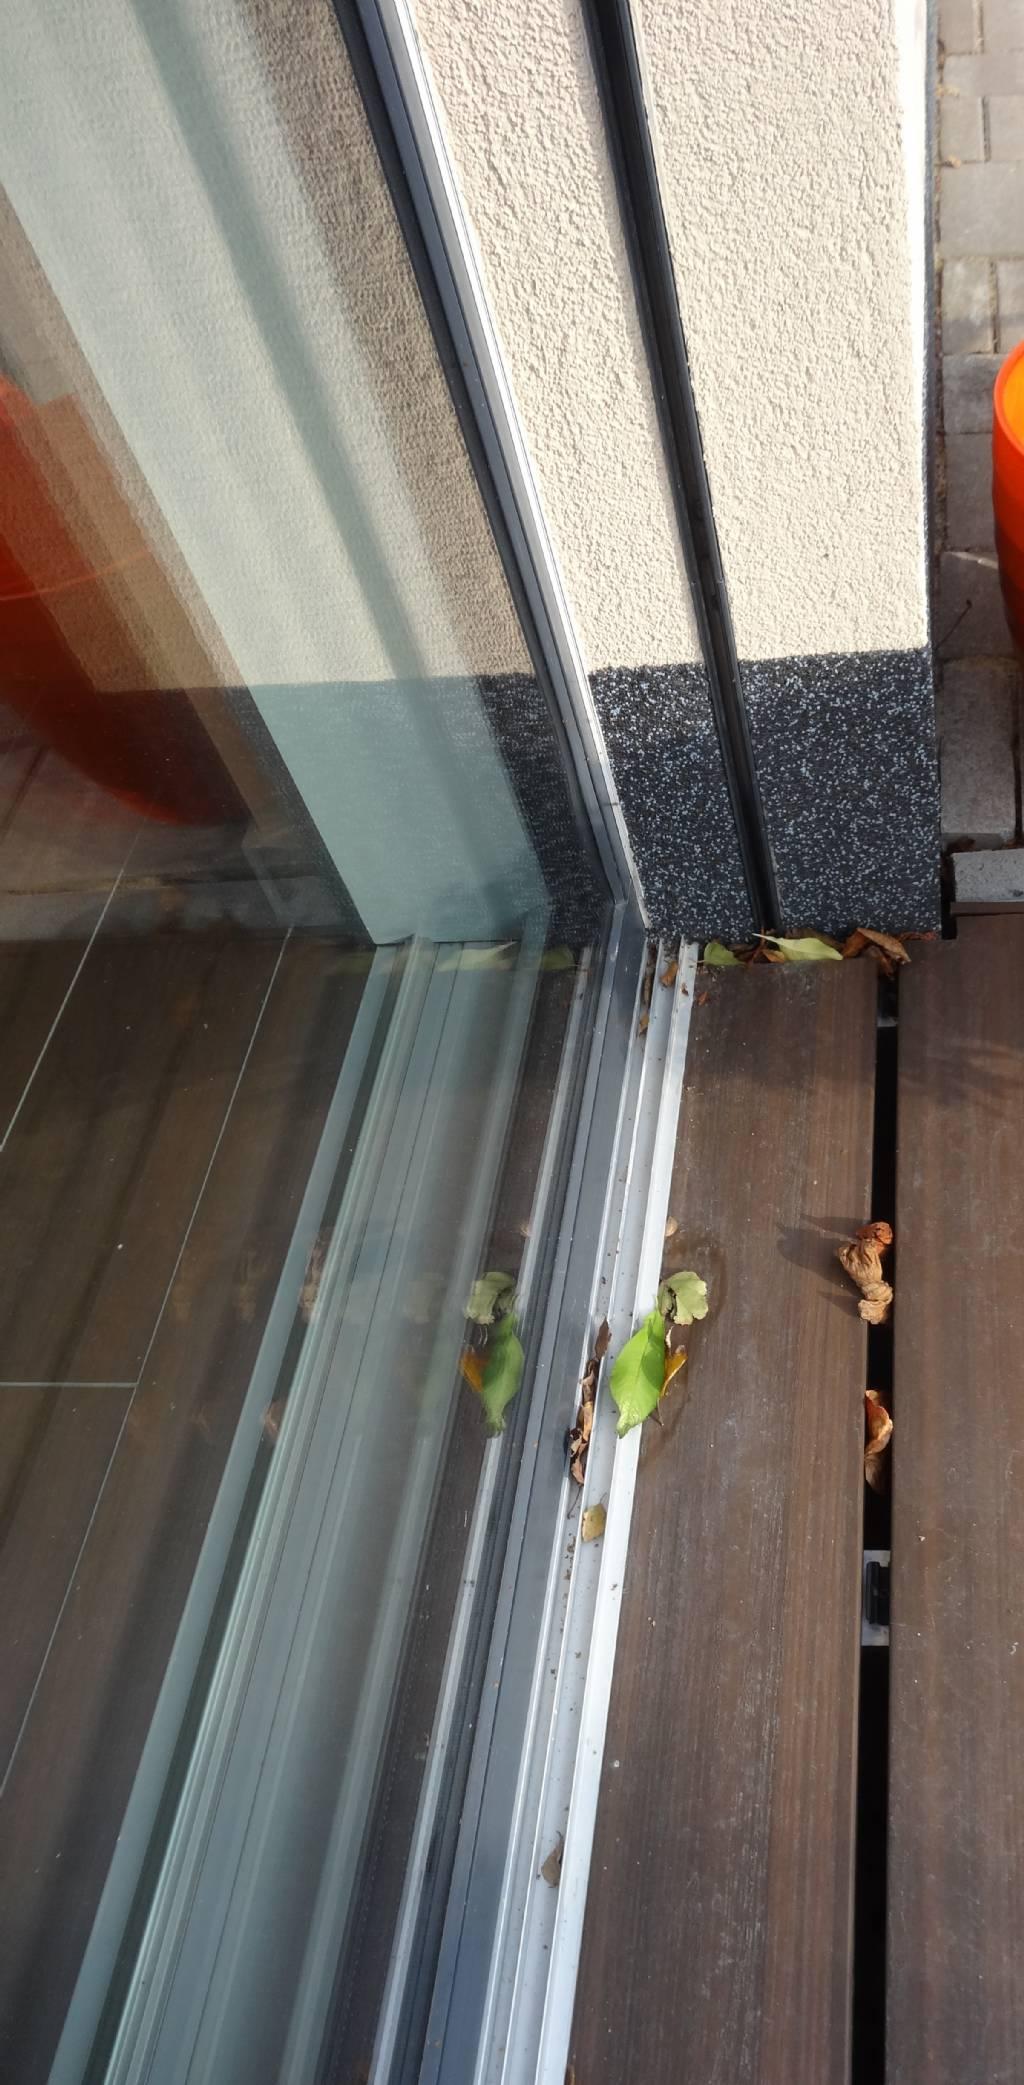 bodenschwelle bei balkont r fensterforum auf. Black Bedroom Furniture Sets. Home Design Ideas